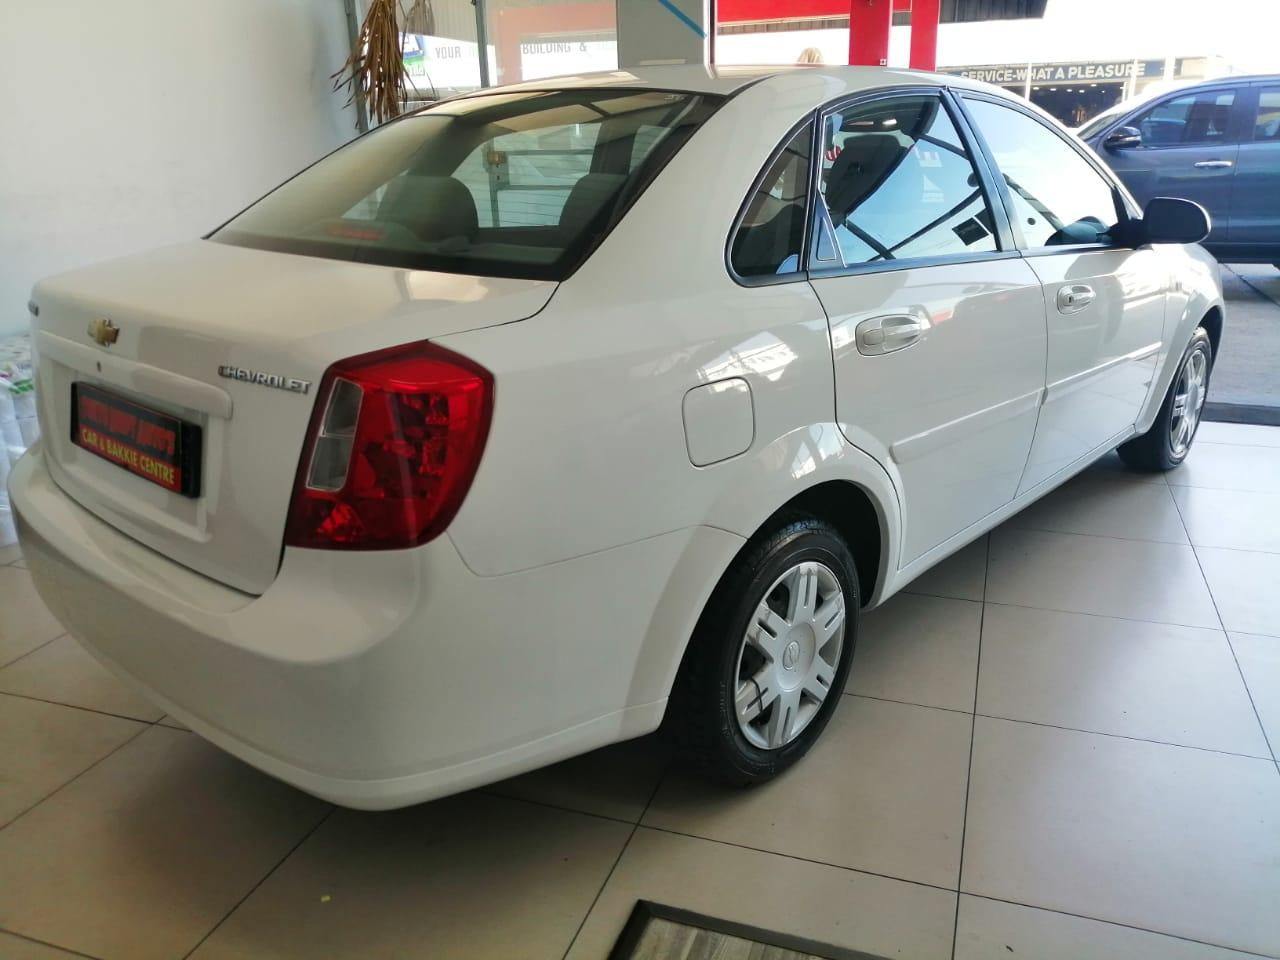 2012 Chevrolet Optra 1.6 L